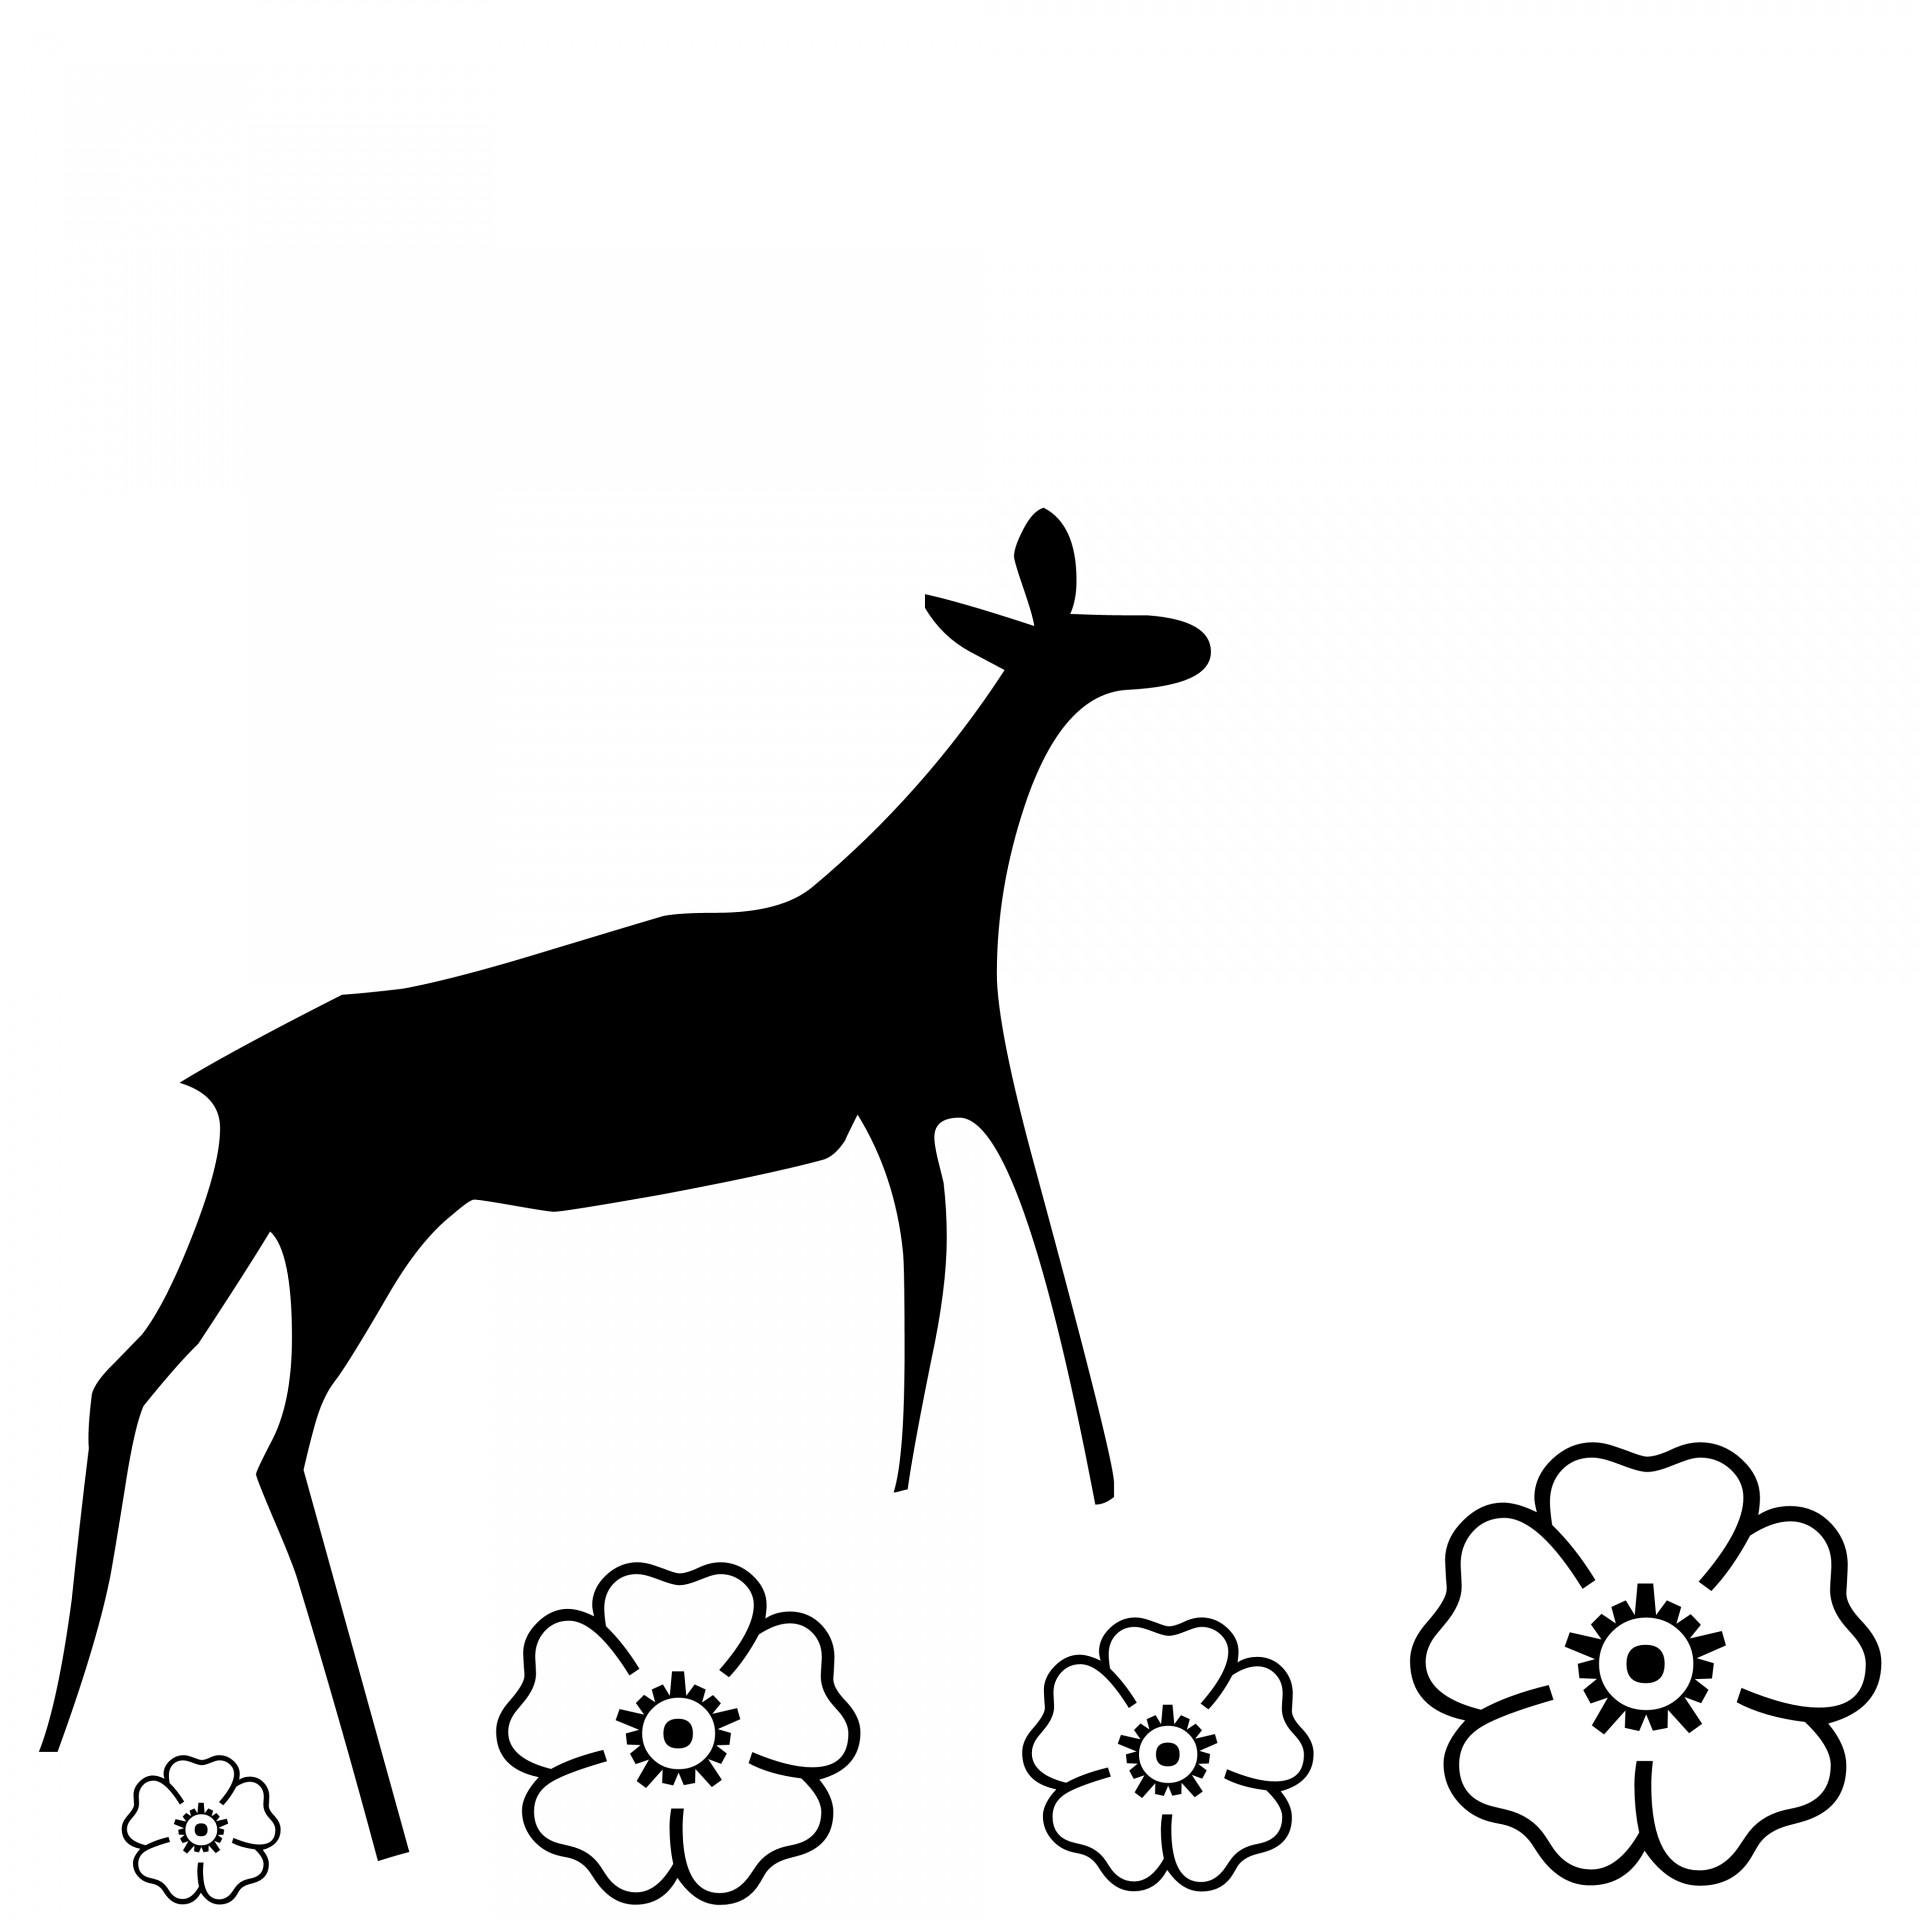 1920x1920 Doe, Deer, Silhouette, Flowers, Black